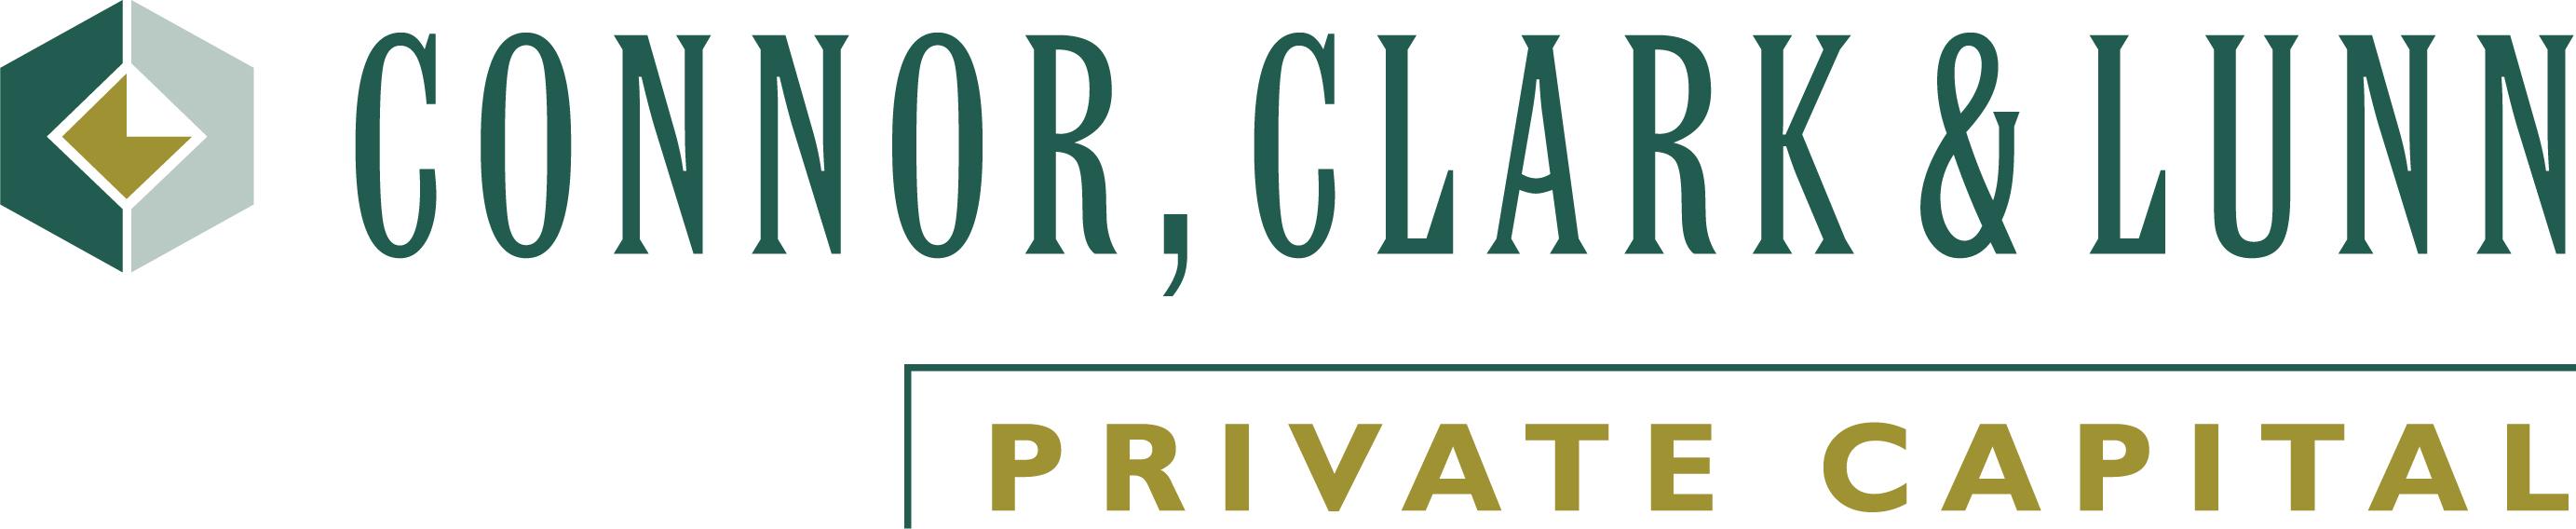 Connor, Clark & Lunn Private Capital